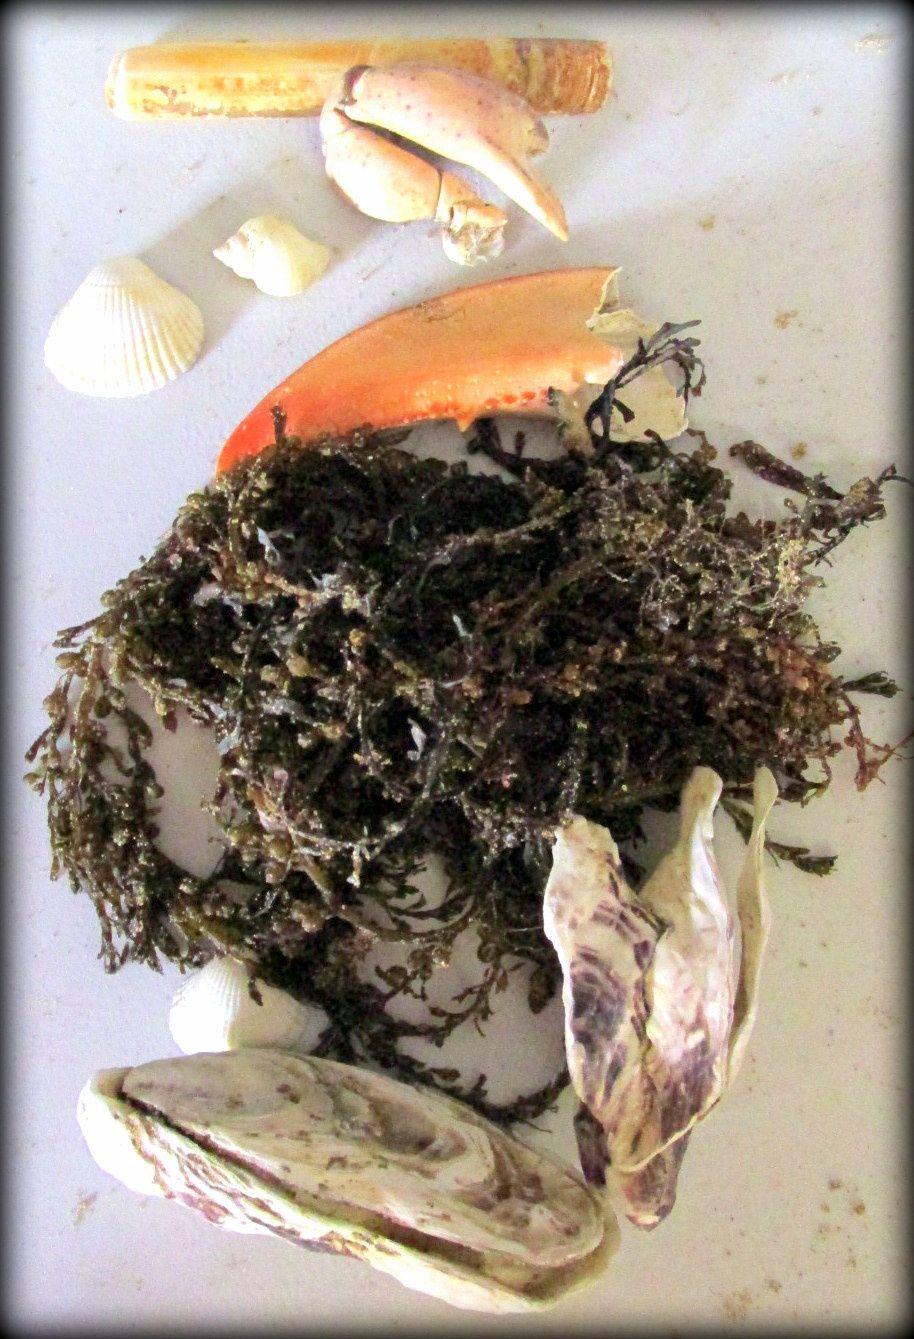 ~ Jour 2 ~ Matinée : A la découverte des faune et flore du littoral ~ Crustacés (8 pattes), coquillagés (bivalves et gastéropodes) et plantes marines (algues) ~